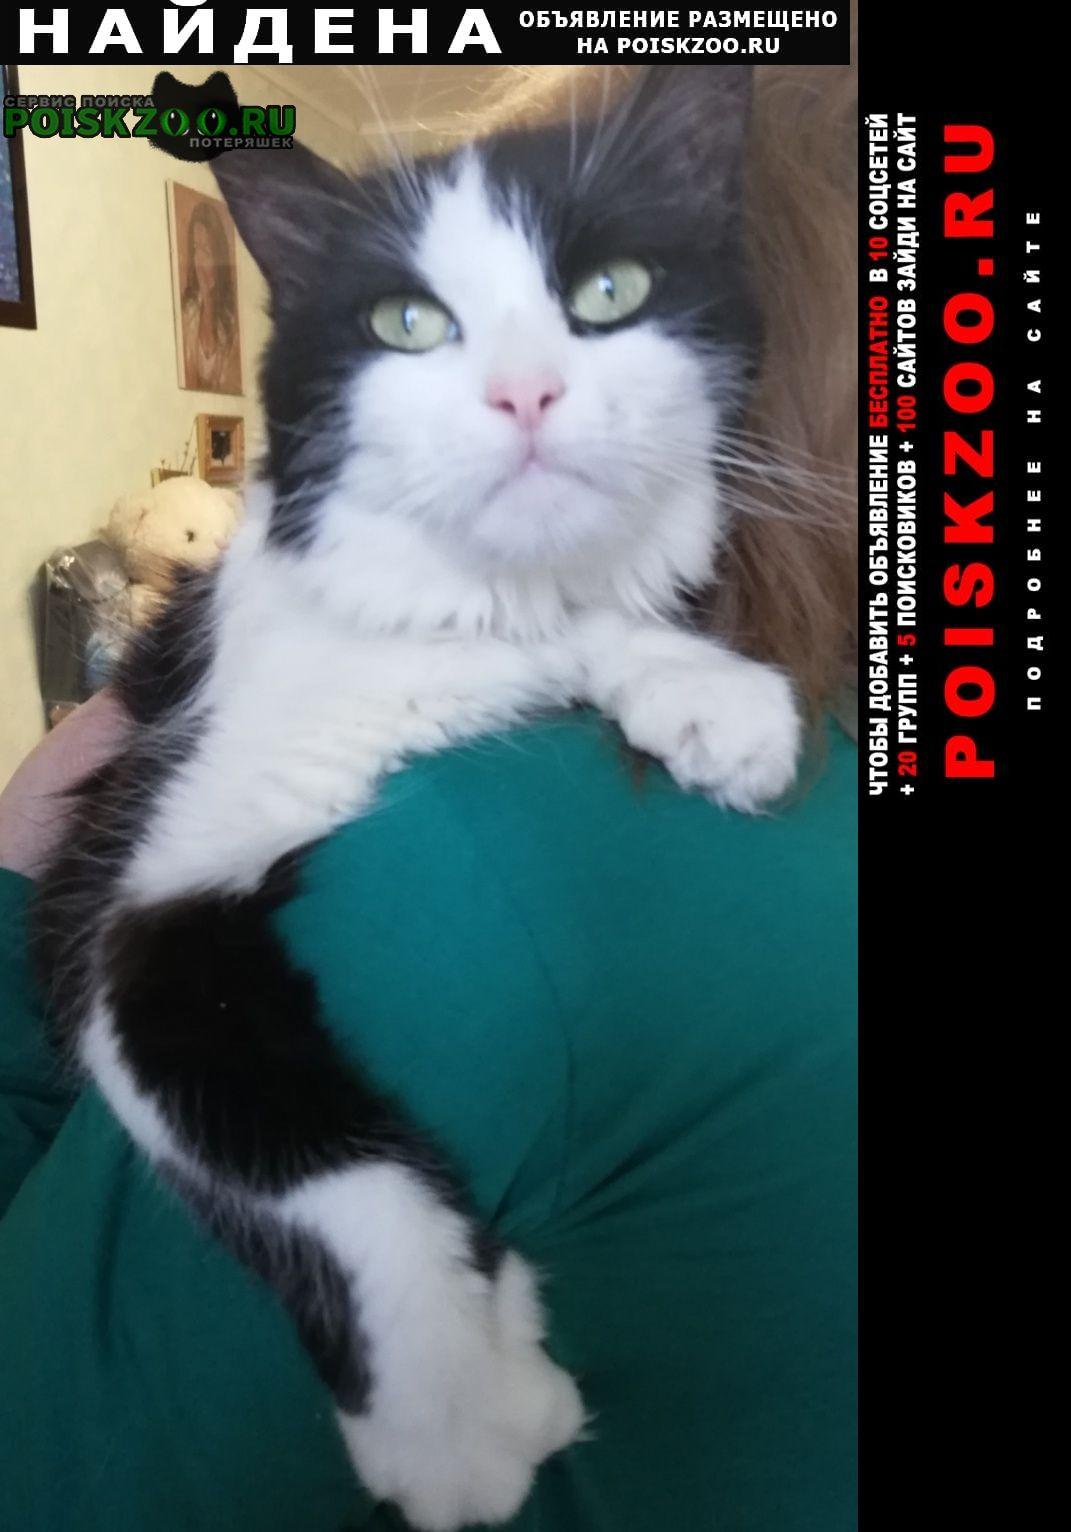 Найдена кошка сао ул. ангарская Москва